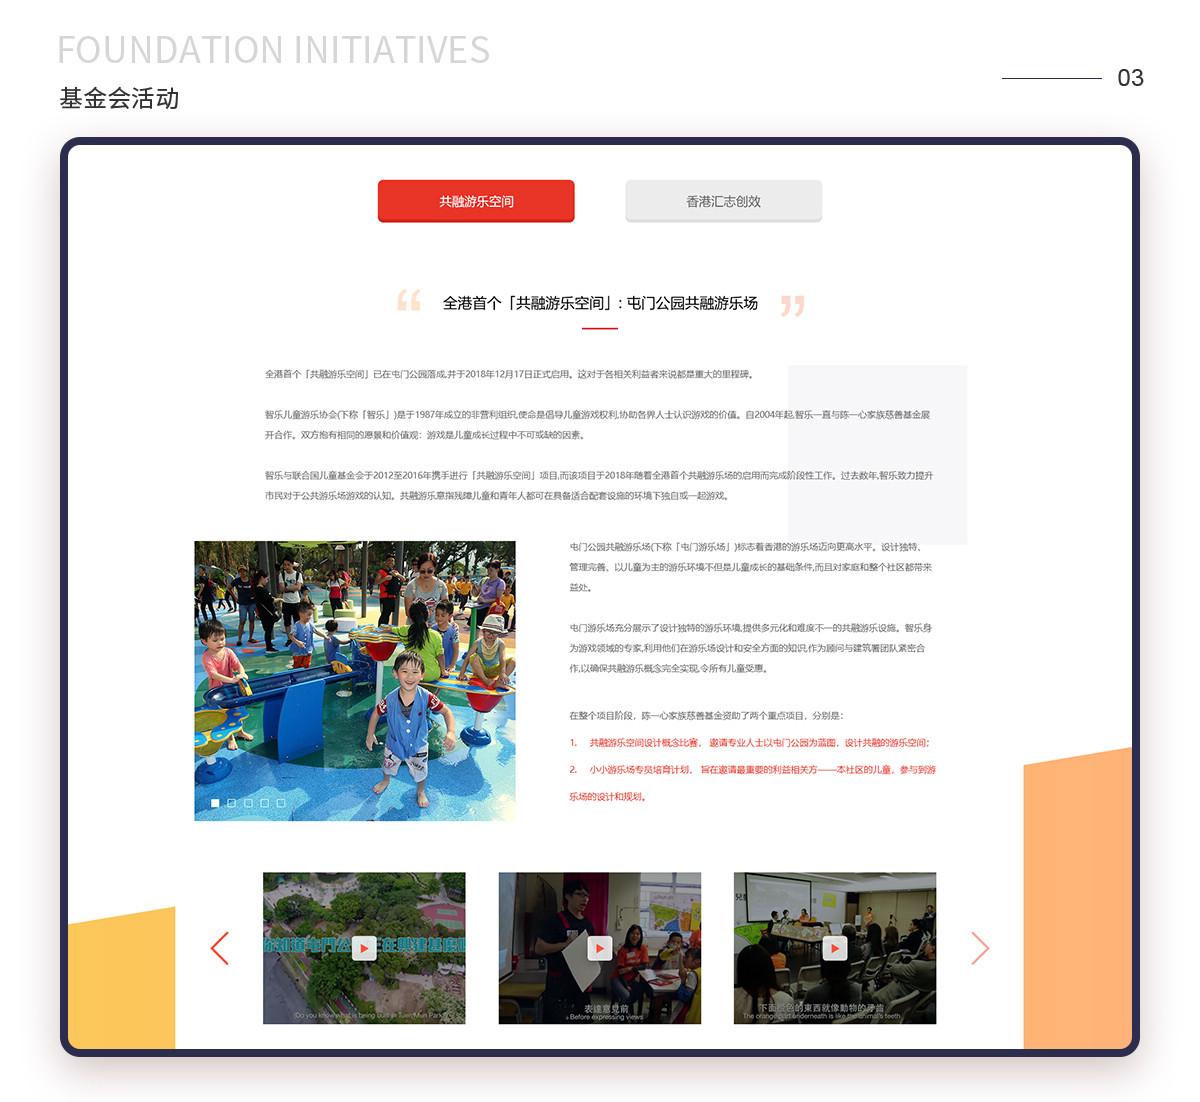 2017-2018陈一心家族慈善基金年报